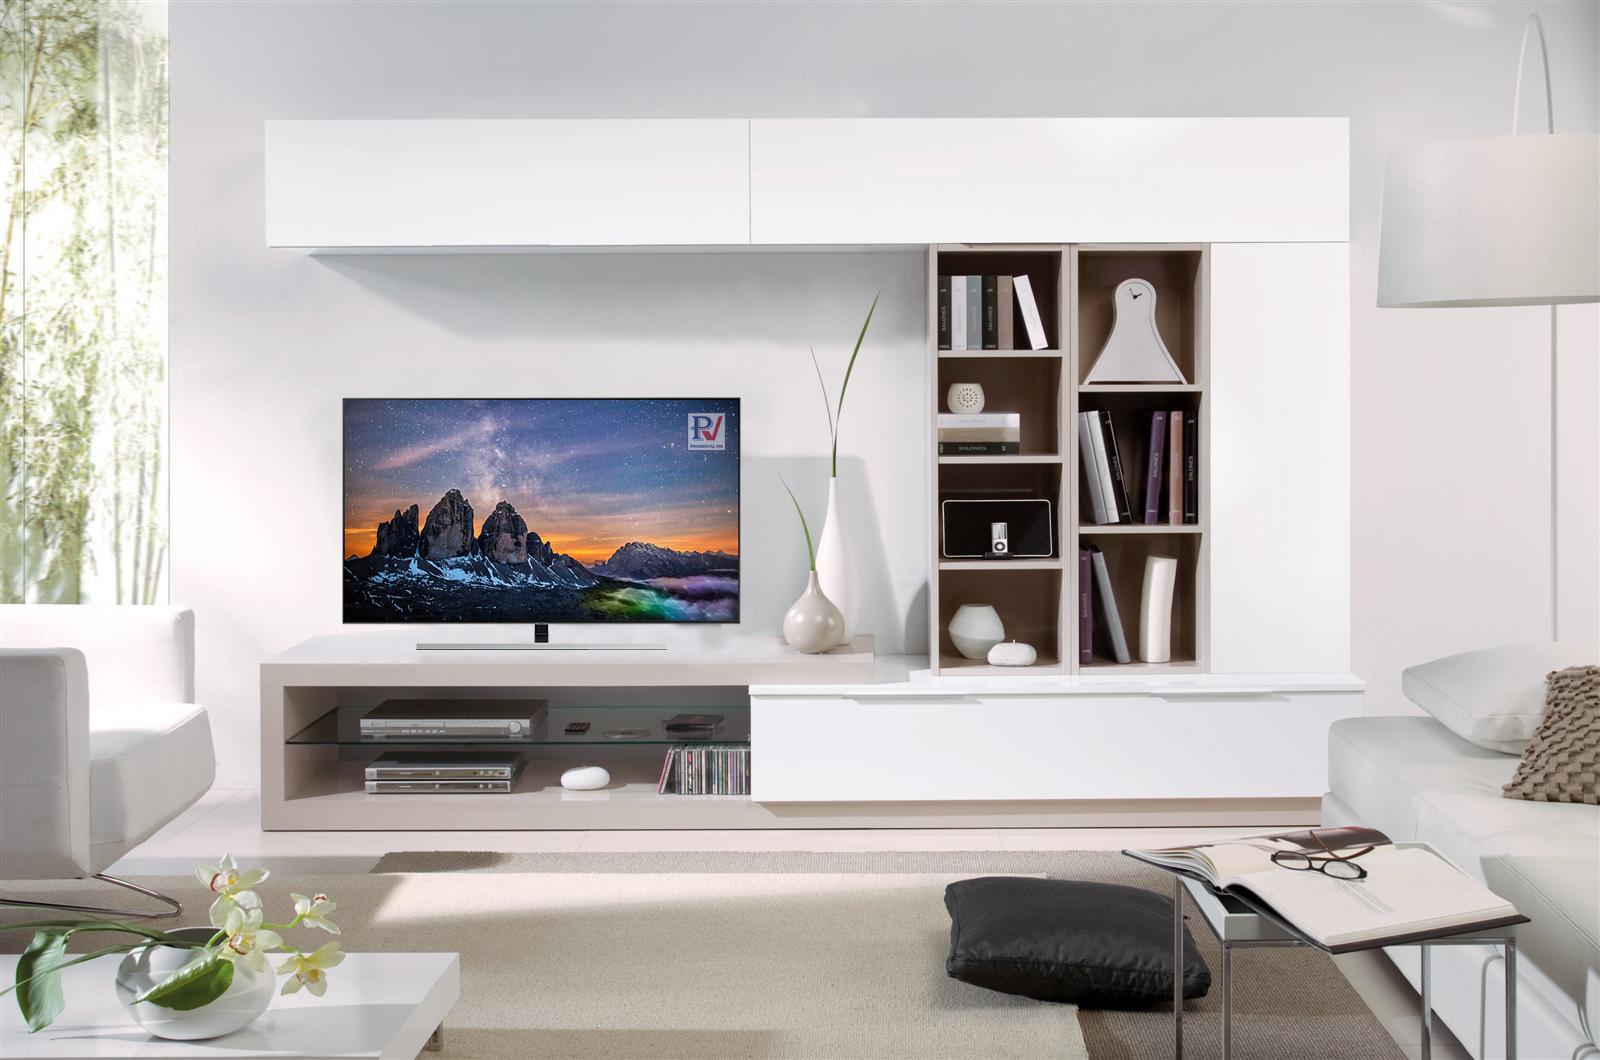 Smart Tivi QLED Samsung 4K 55 inch QA55Q80RAKXXV thiết kế đẹp mắt vô cùng sang trọng